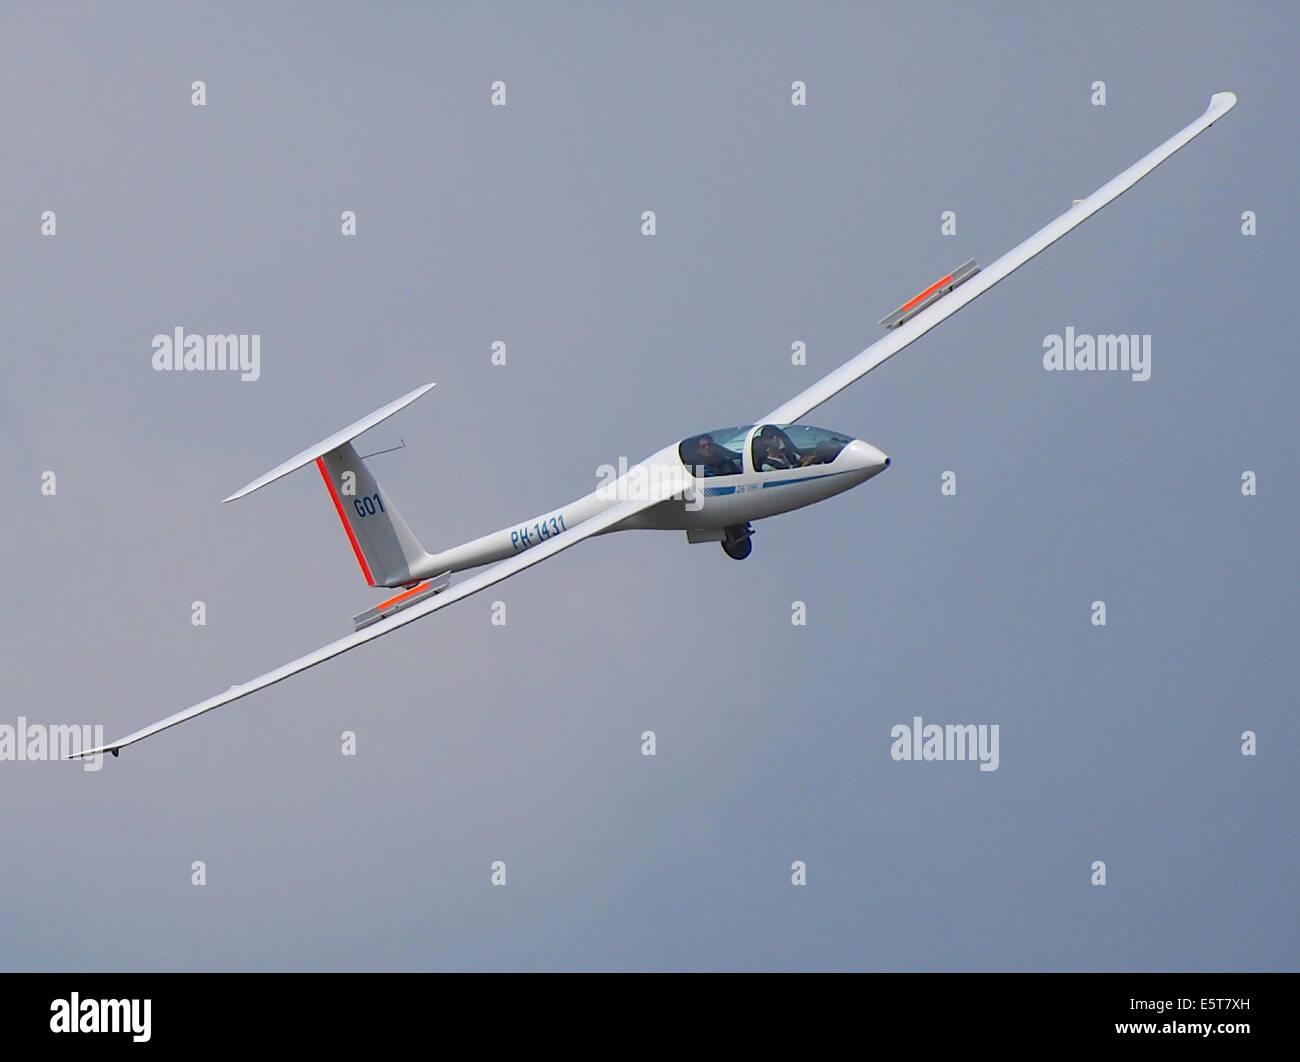 PH-1431 DG Flugzeugbau DG-1000S at Hilversum Airport (ICAO EHHV), photo1 - Stock Image